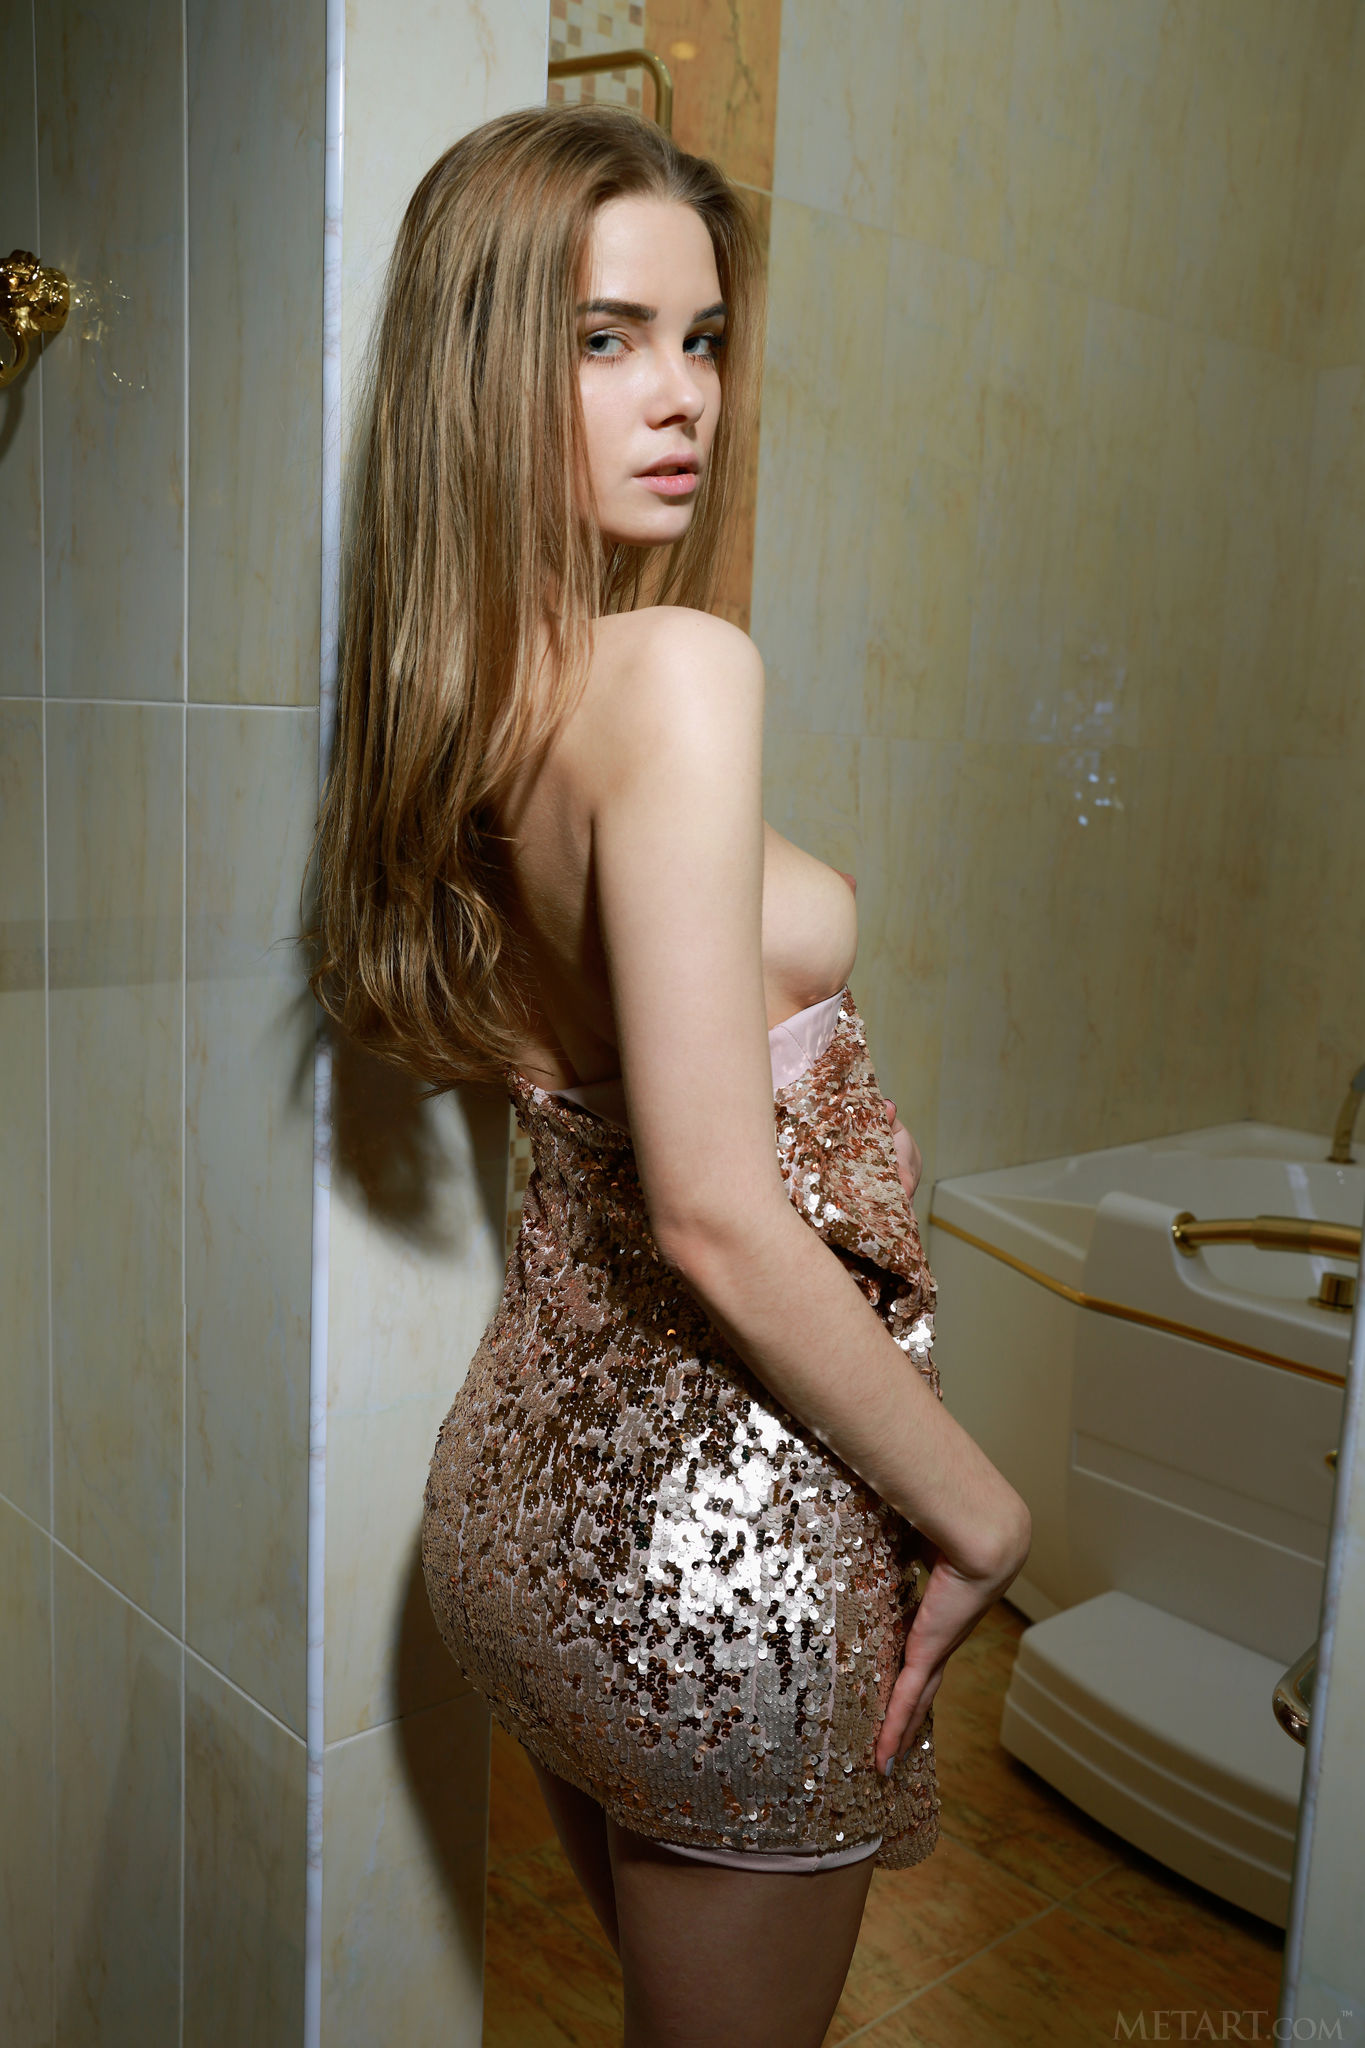 Письки порно видео и секс фото с голыми женскими письками